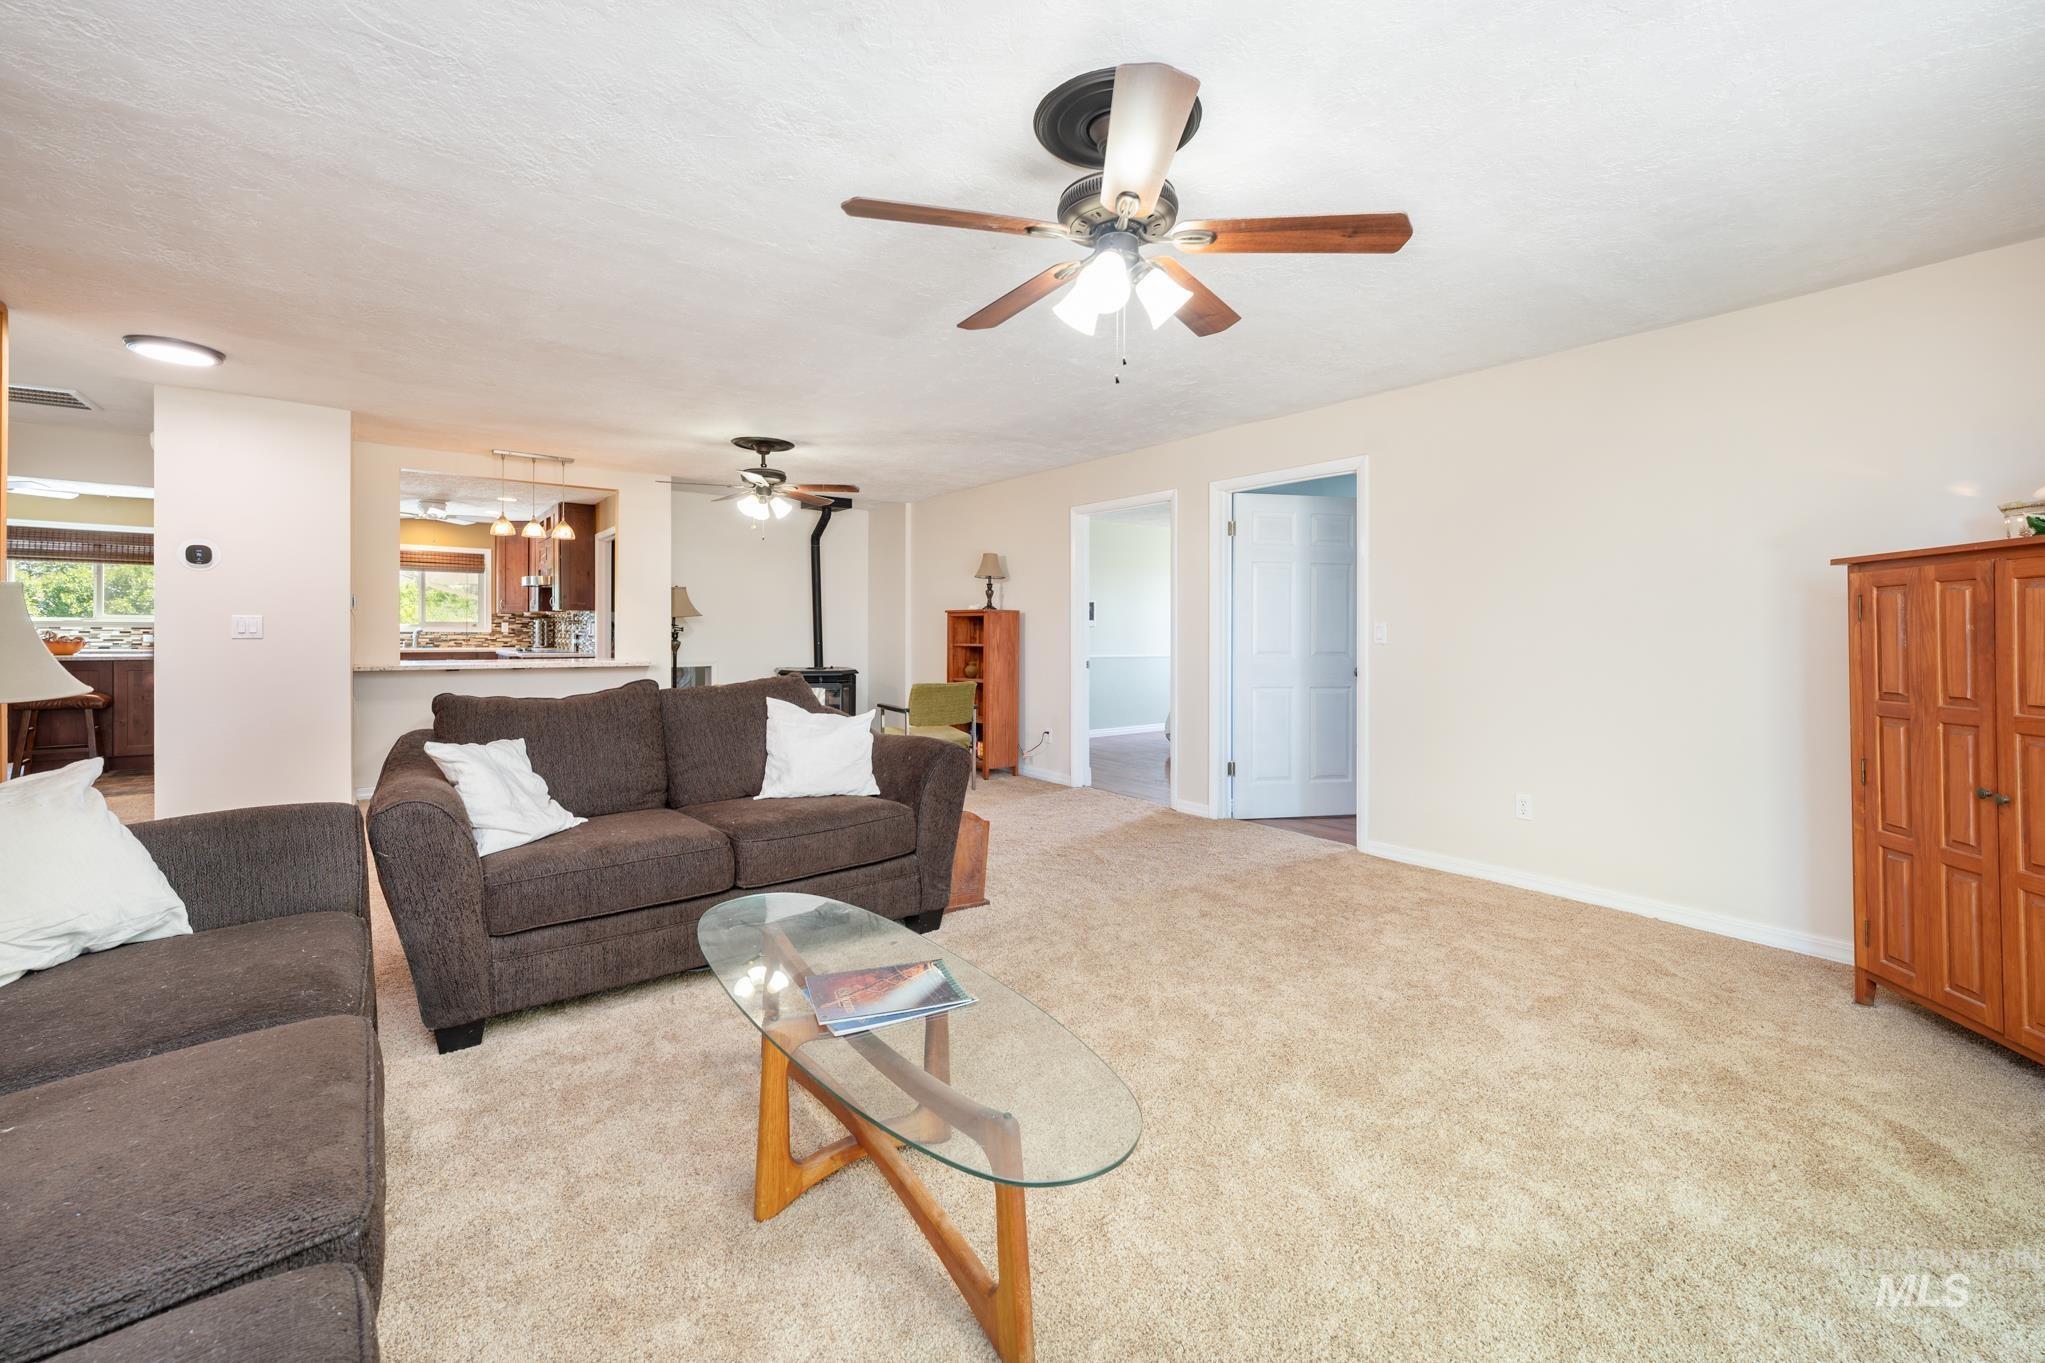 11545 W Kuna Rd Property Photo 14